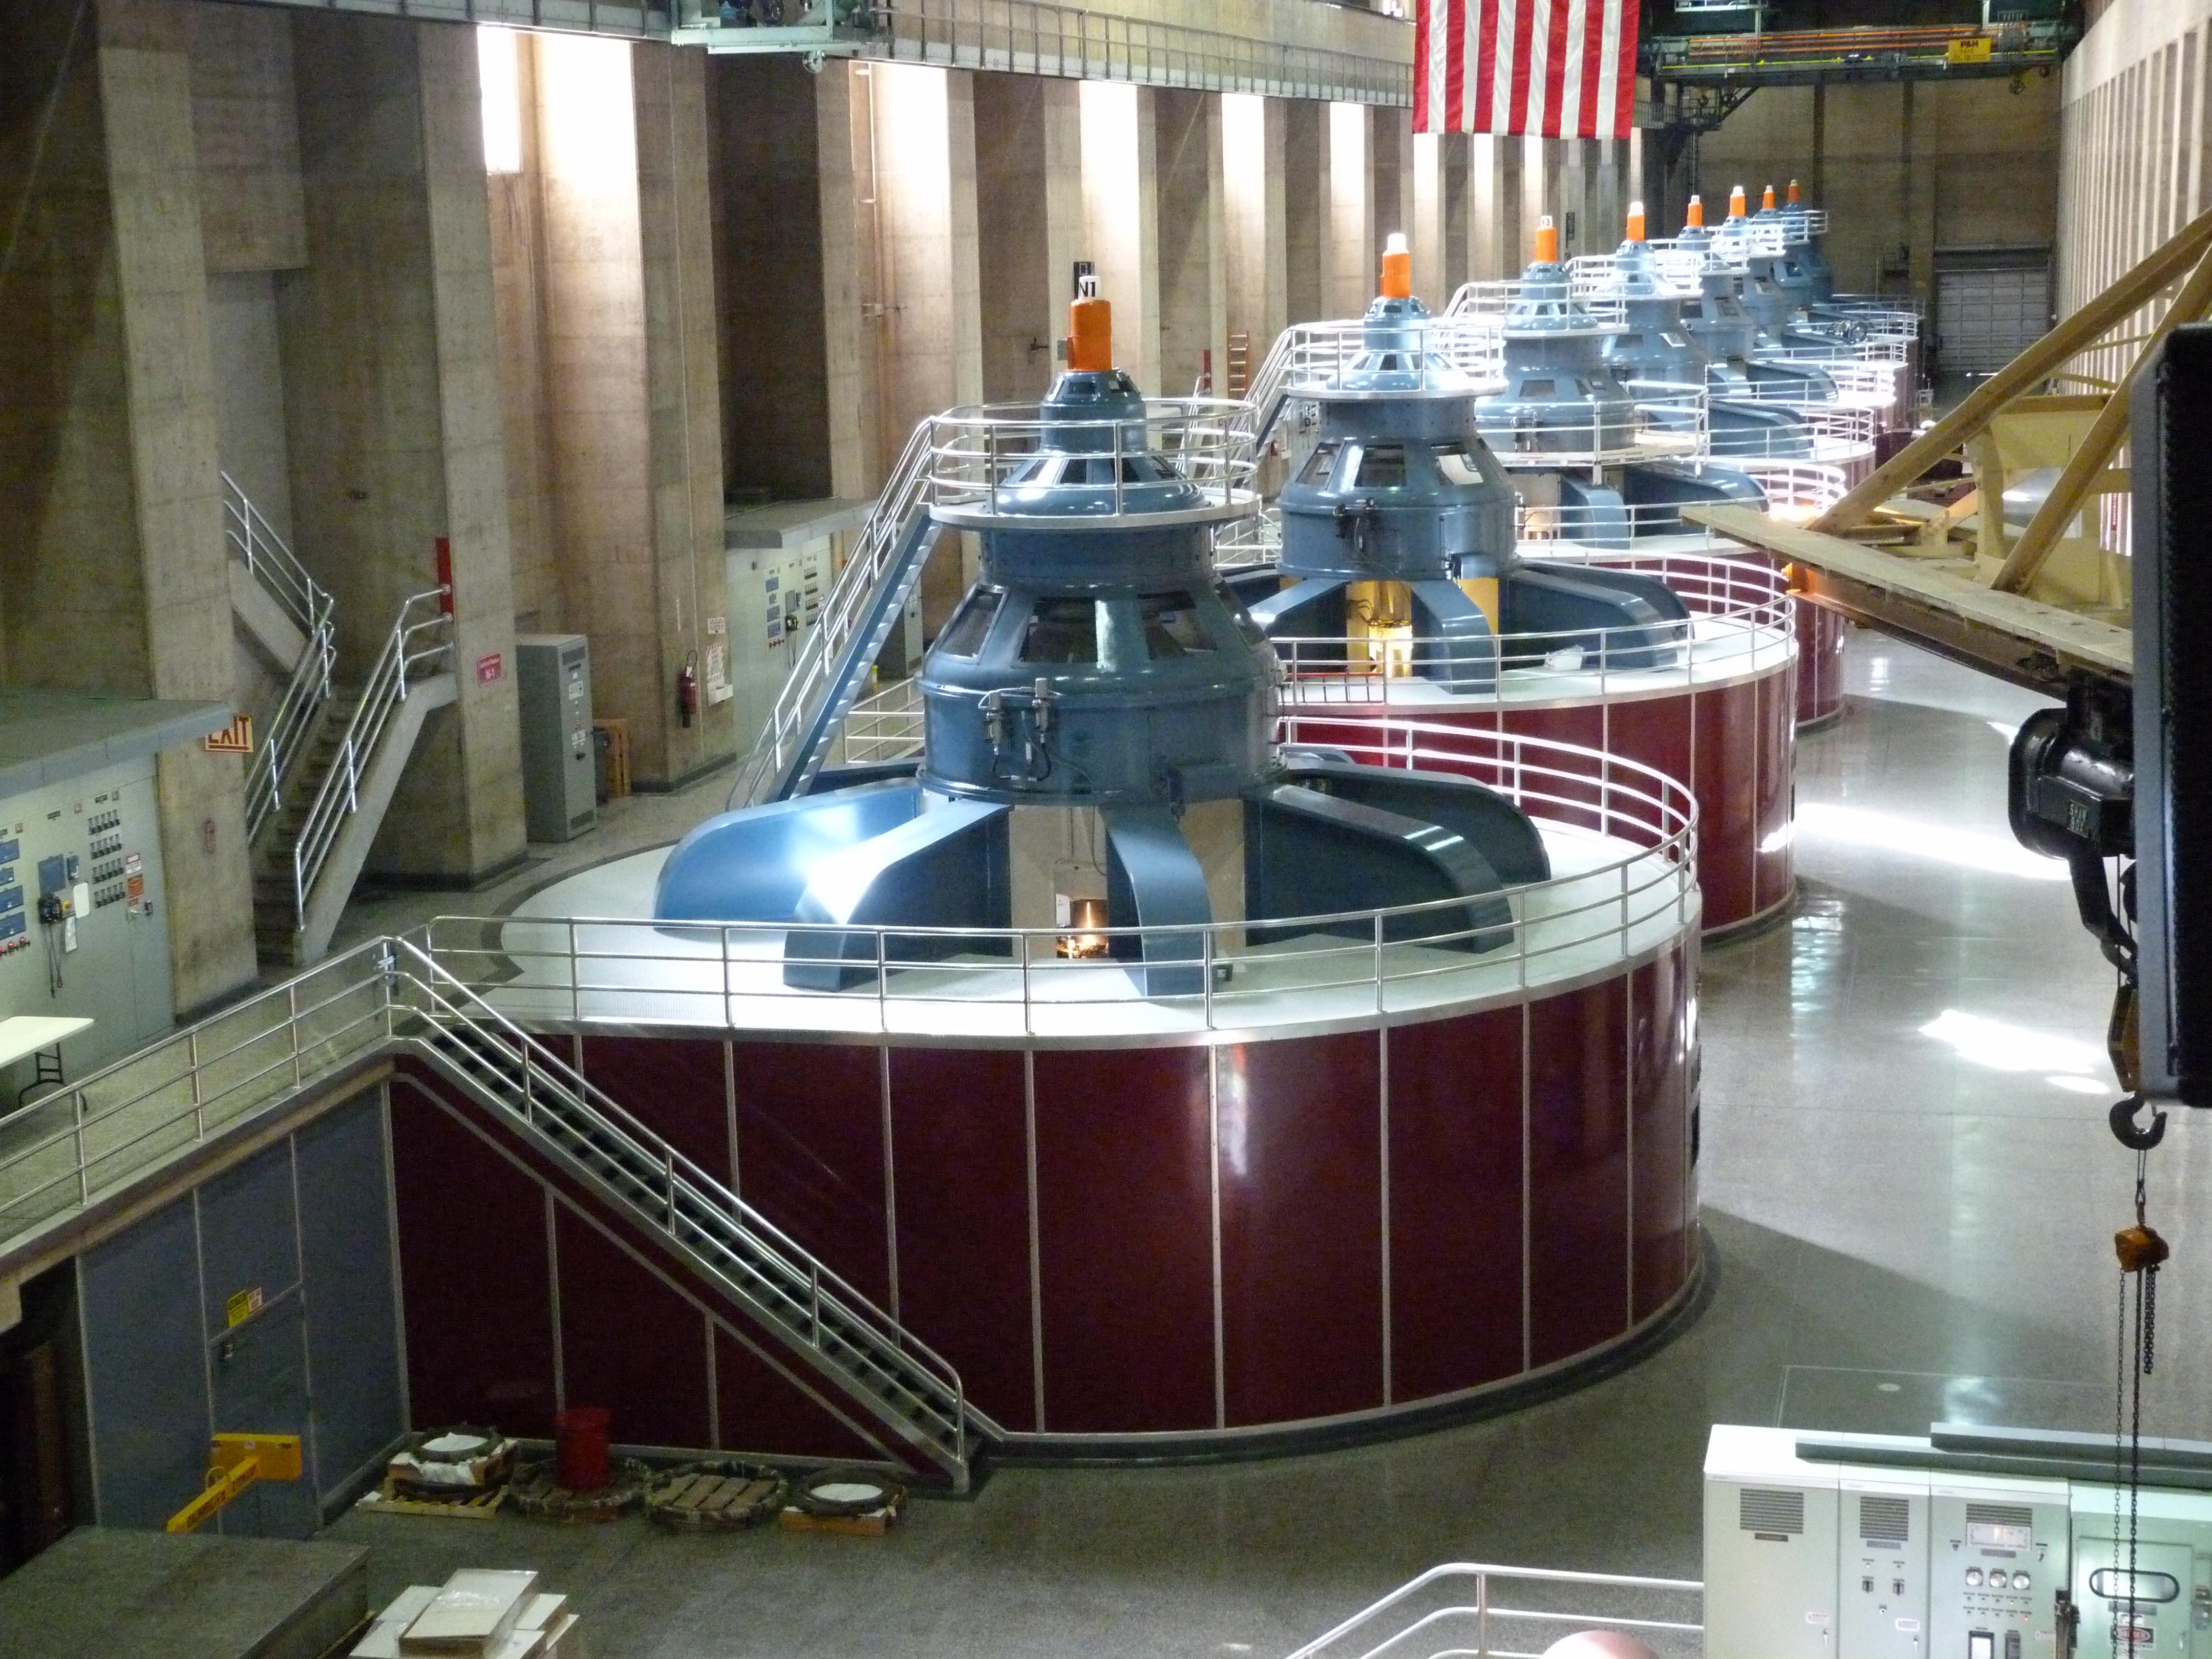 New Vegas Hoover Dam Safe Room